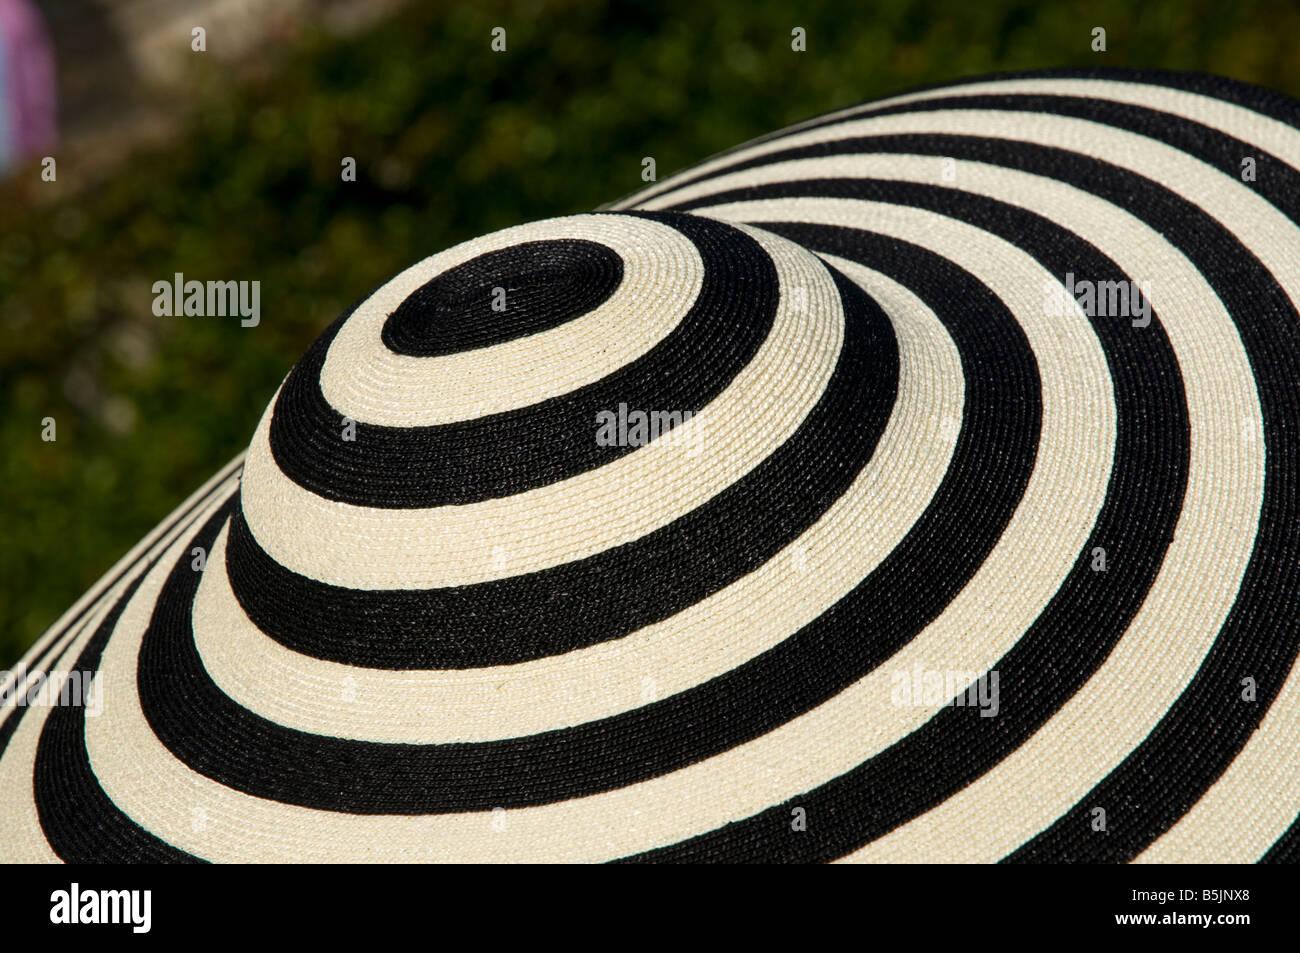 Damen Designer Hut bei Gesellschaft Veranstaltung, England UK Stockbild